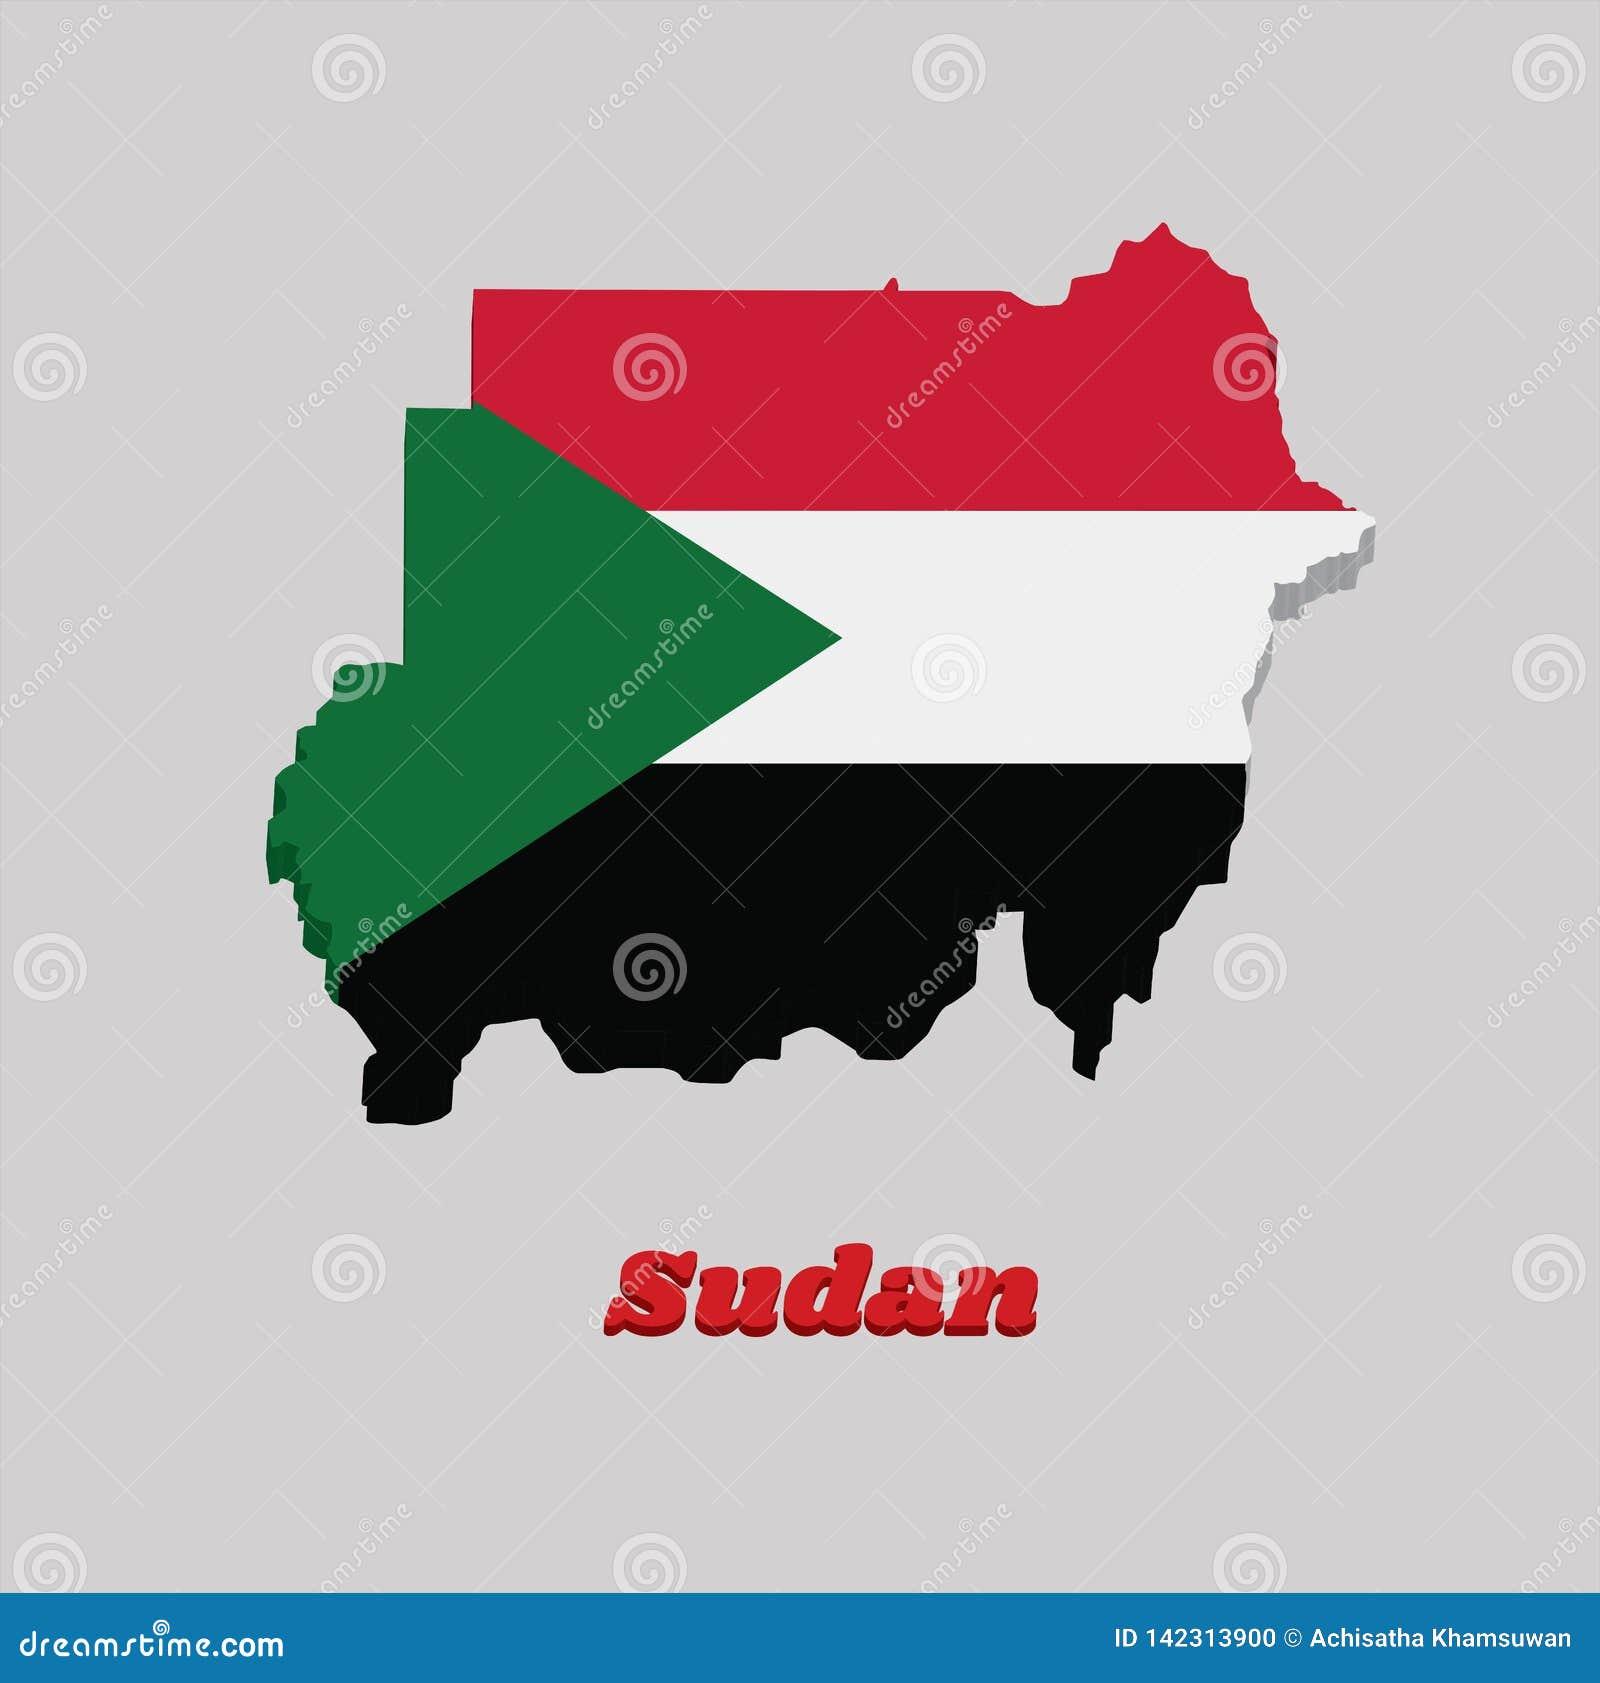 Esboço do mapa 3d e bandeira de Sudão, um tricolor horizontal de vermelho, de branco, e de preto; com um triângulo verde baseado